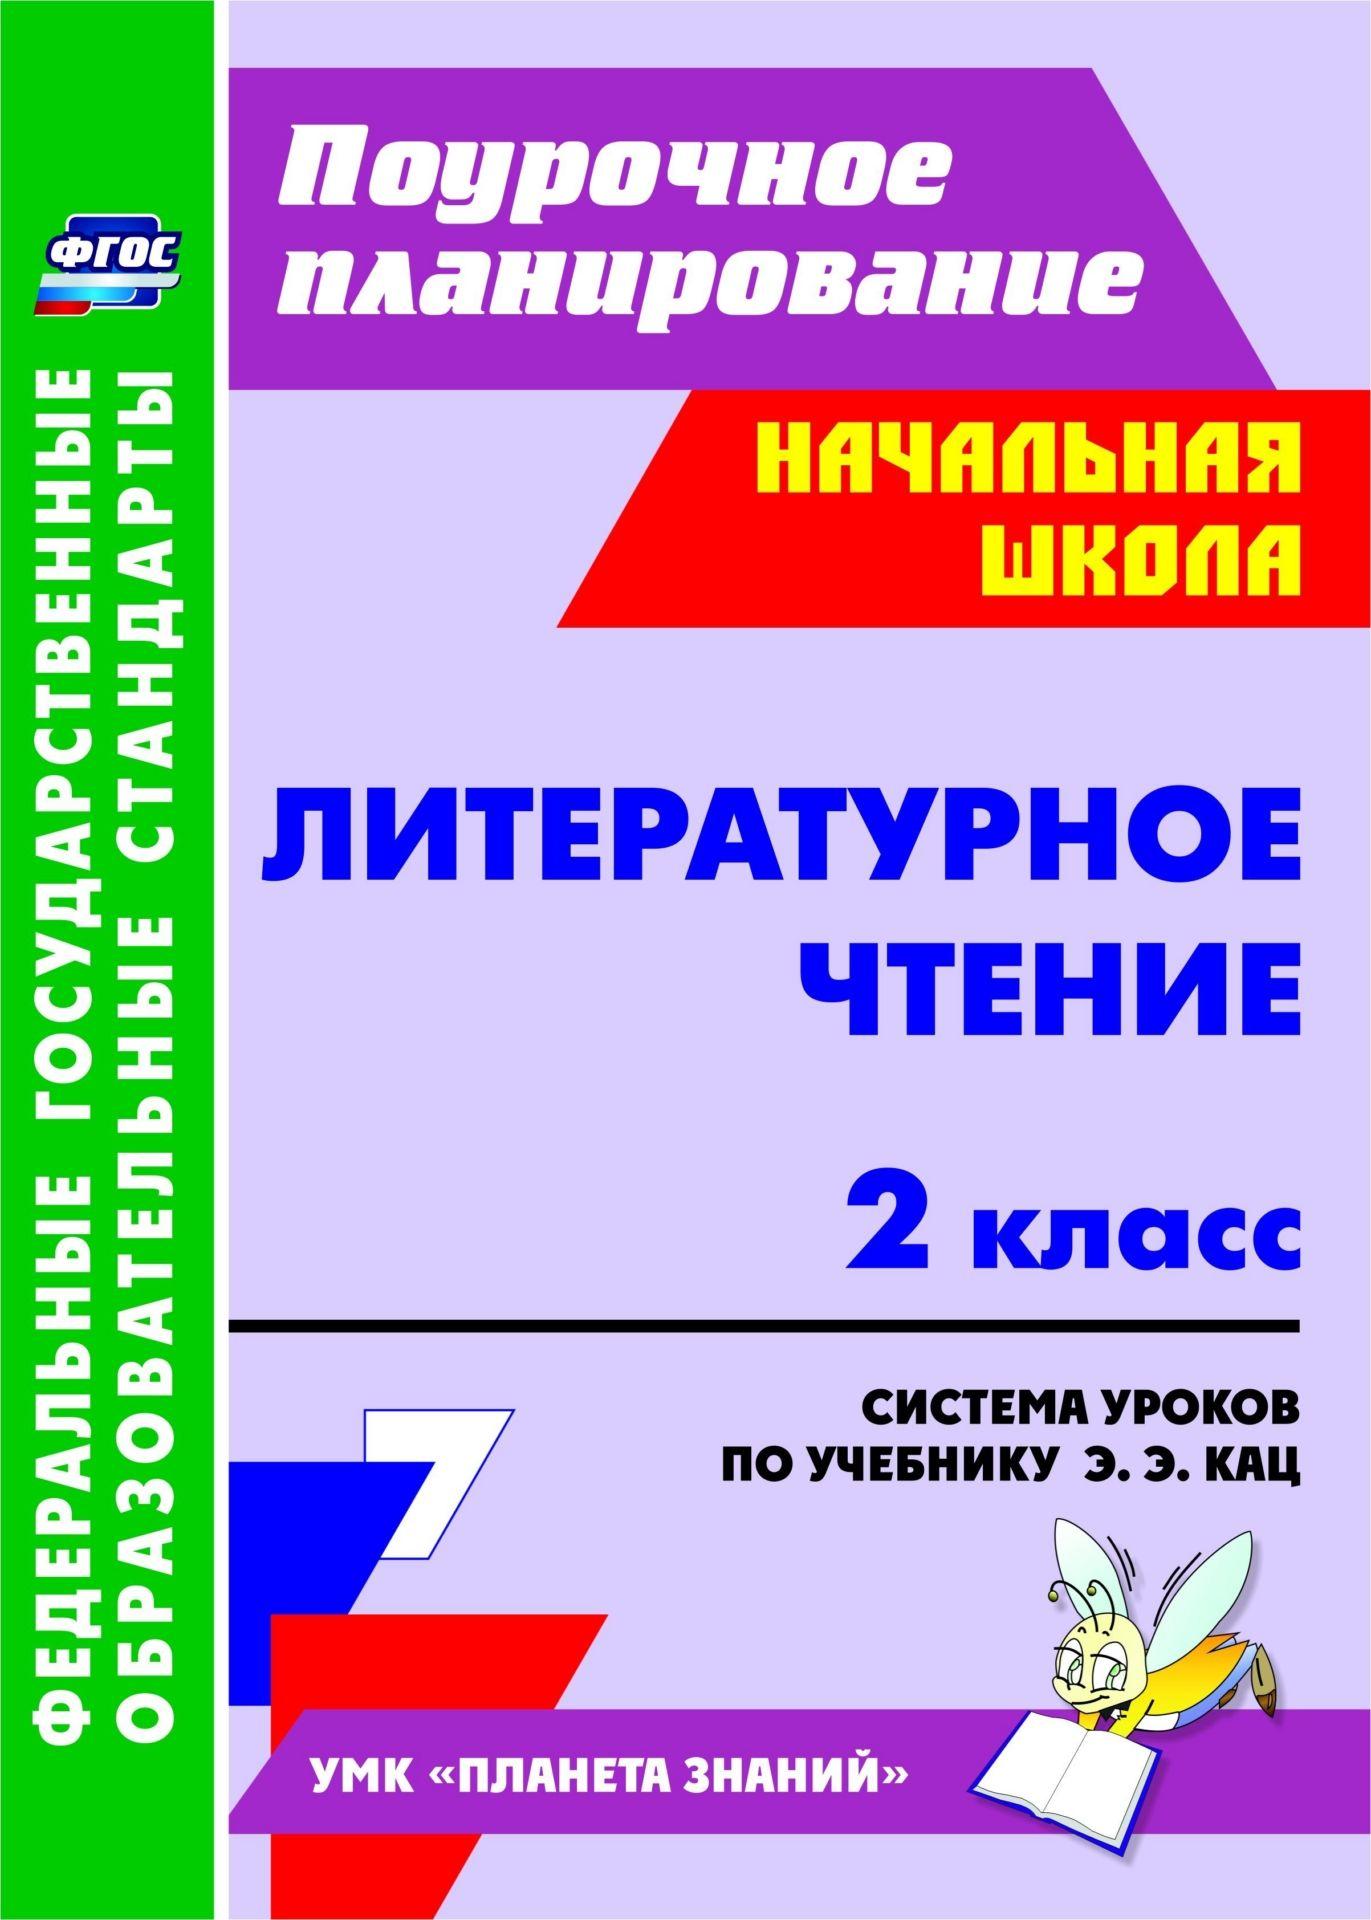 Литературное чтение. 2 класс. Система уроков по учебнику Э. Э. Кац. Программа для установки через Интернет